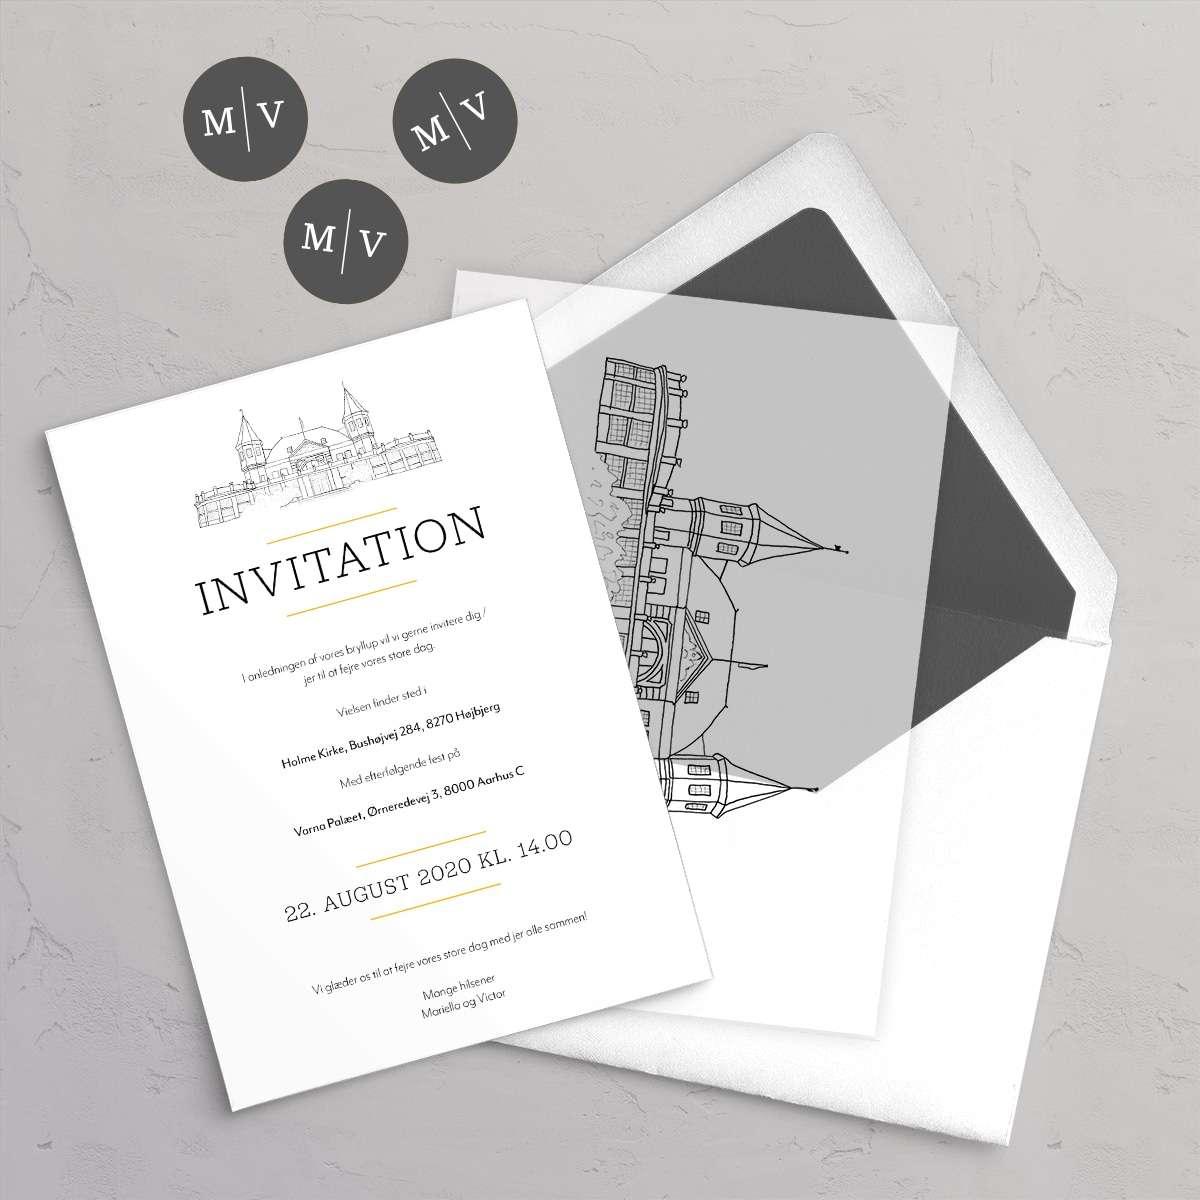 Bryllupsinvitation Varna med vellumcover, monogram klistermærke og foret kuvert i farven Pebble